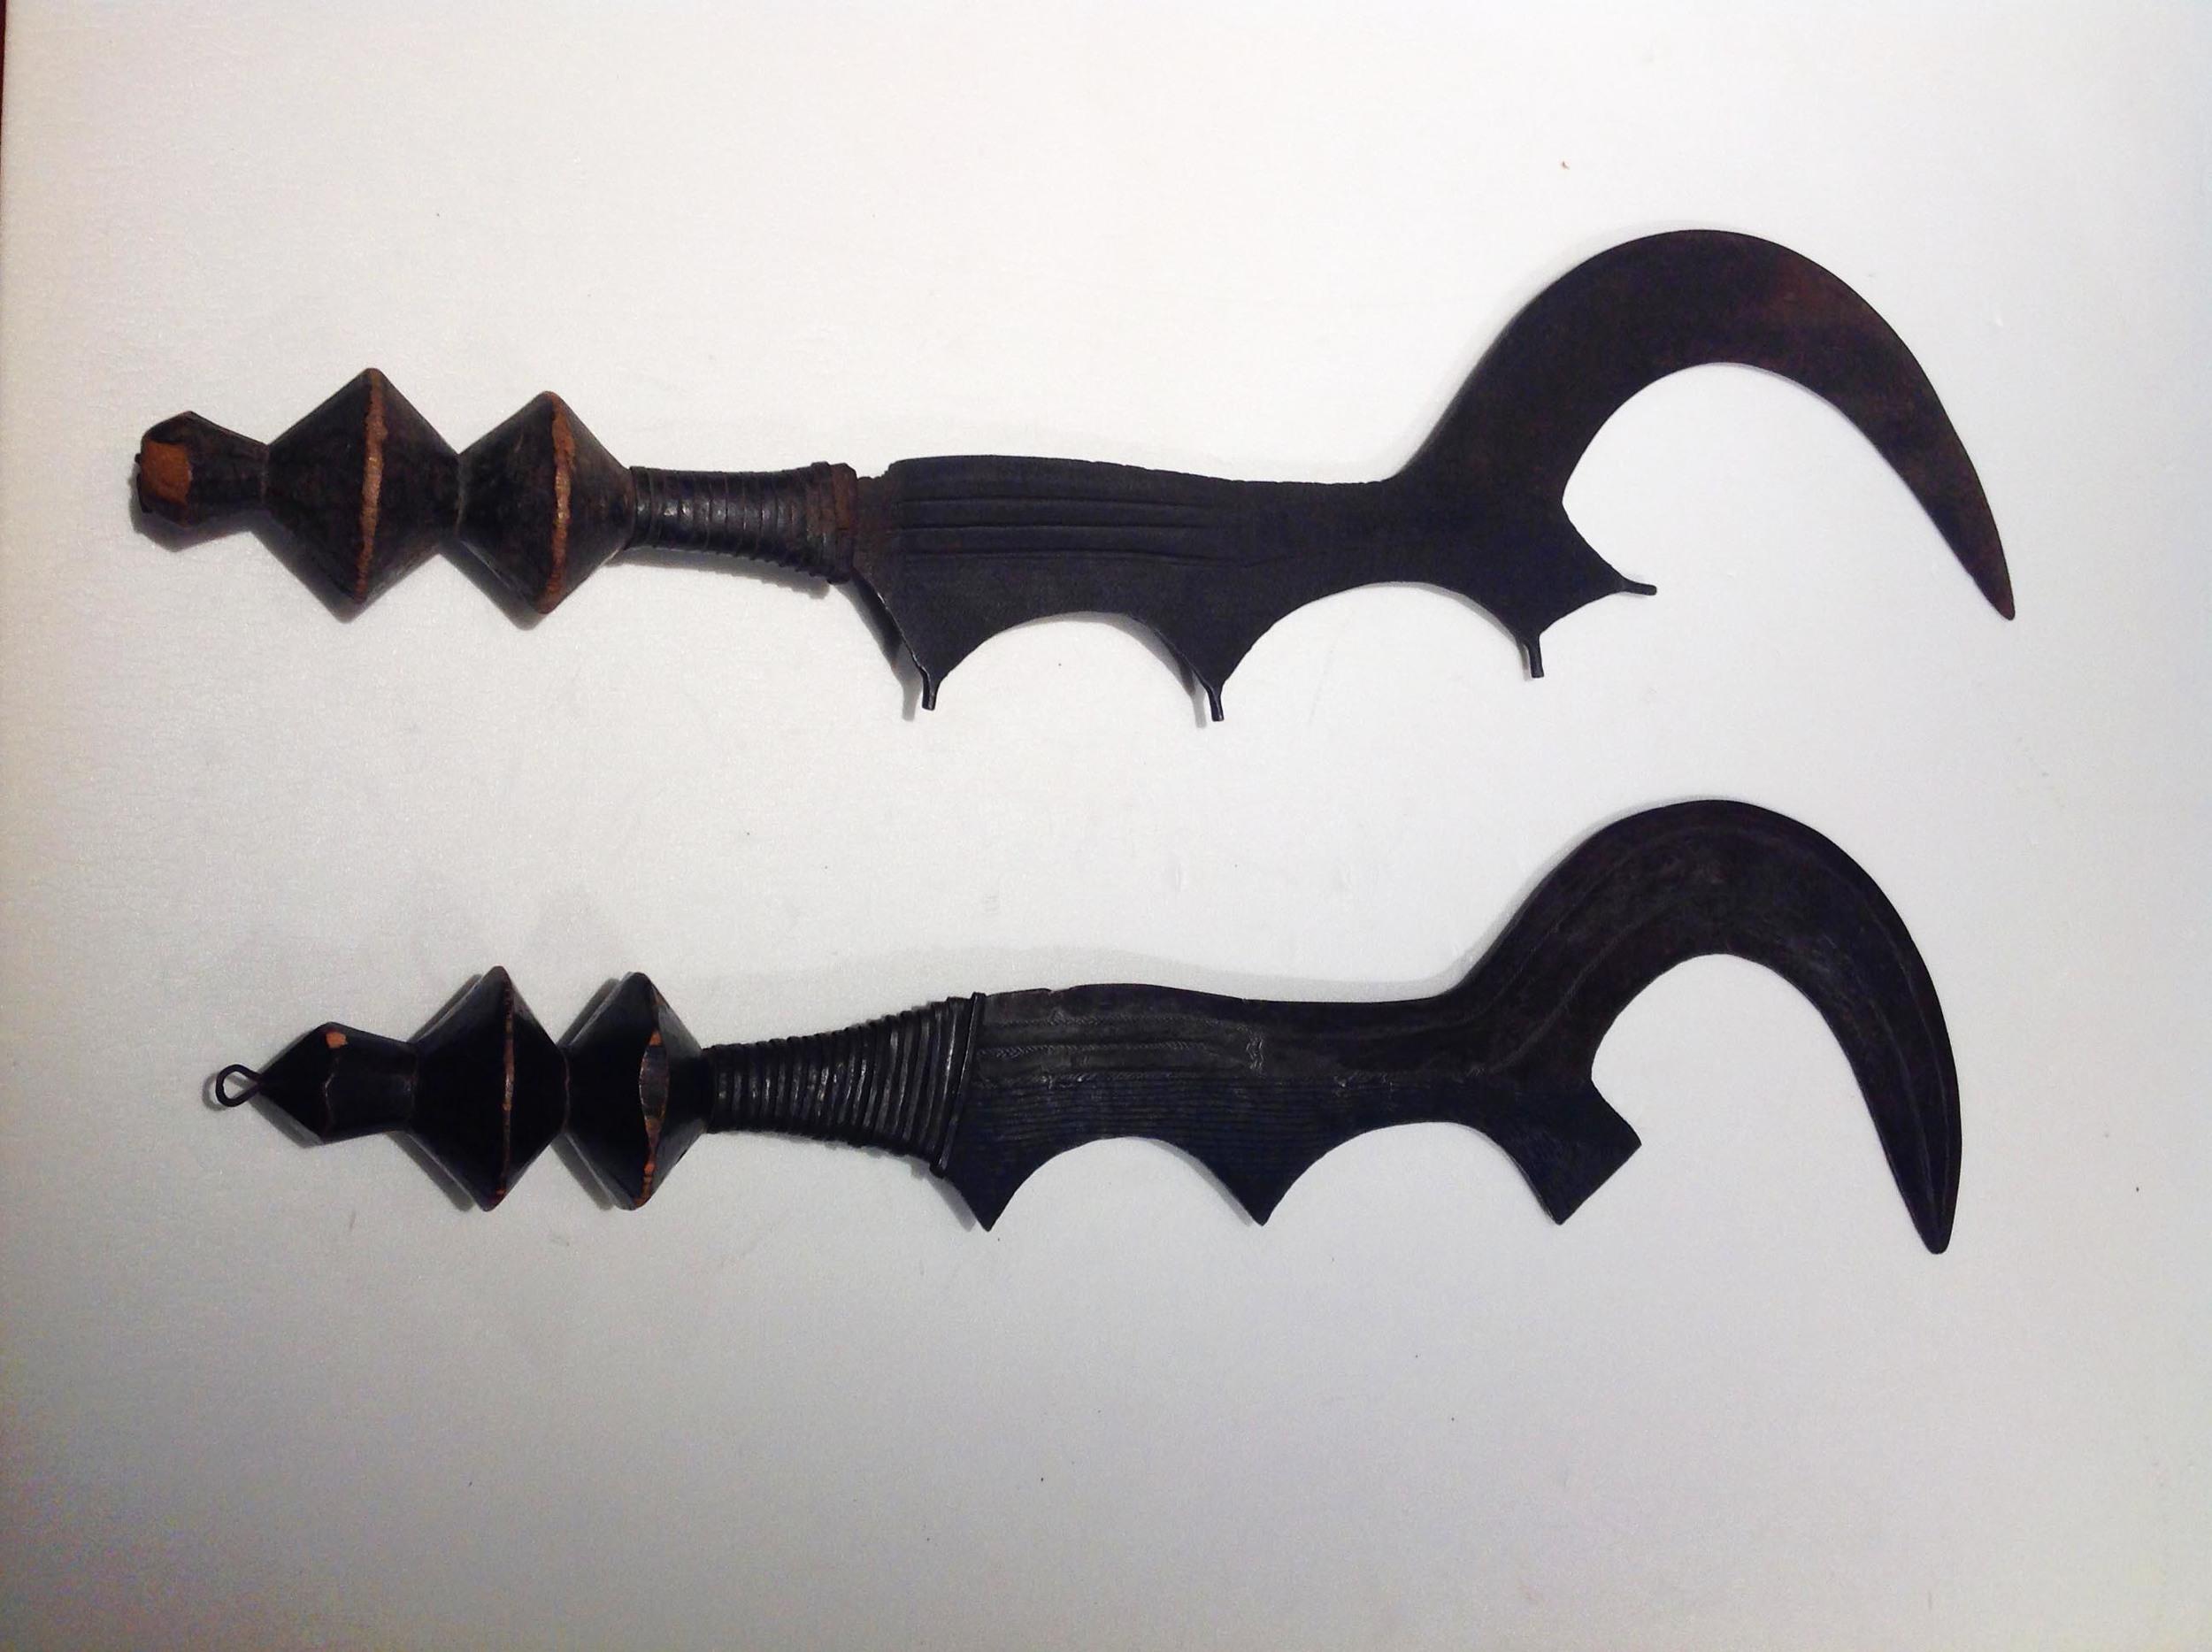 Ngala execution swords